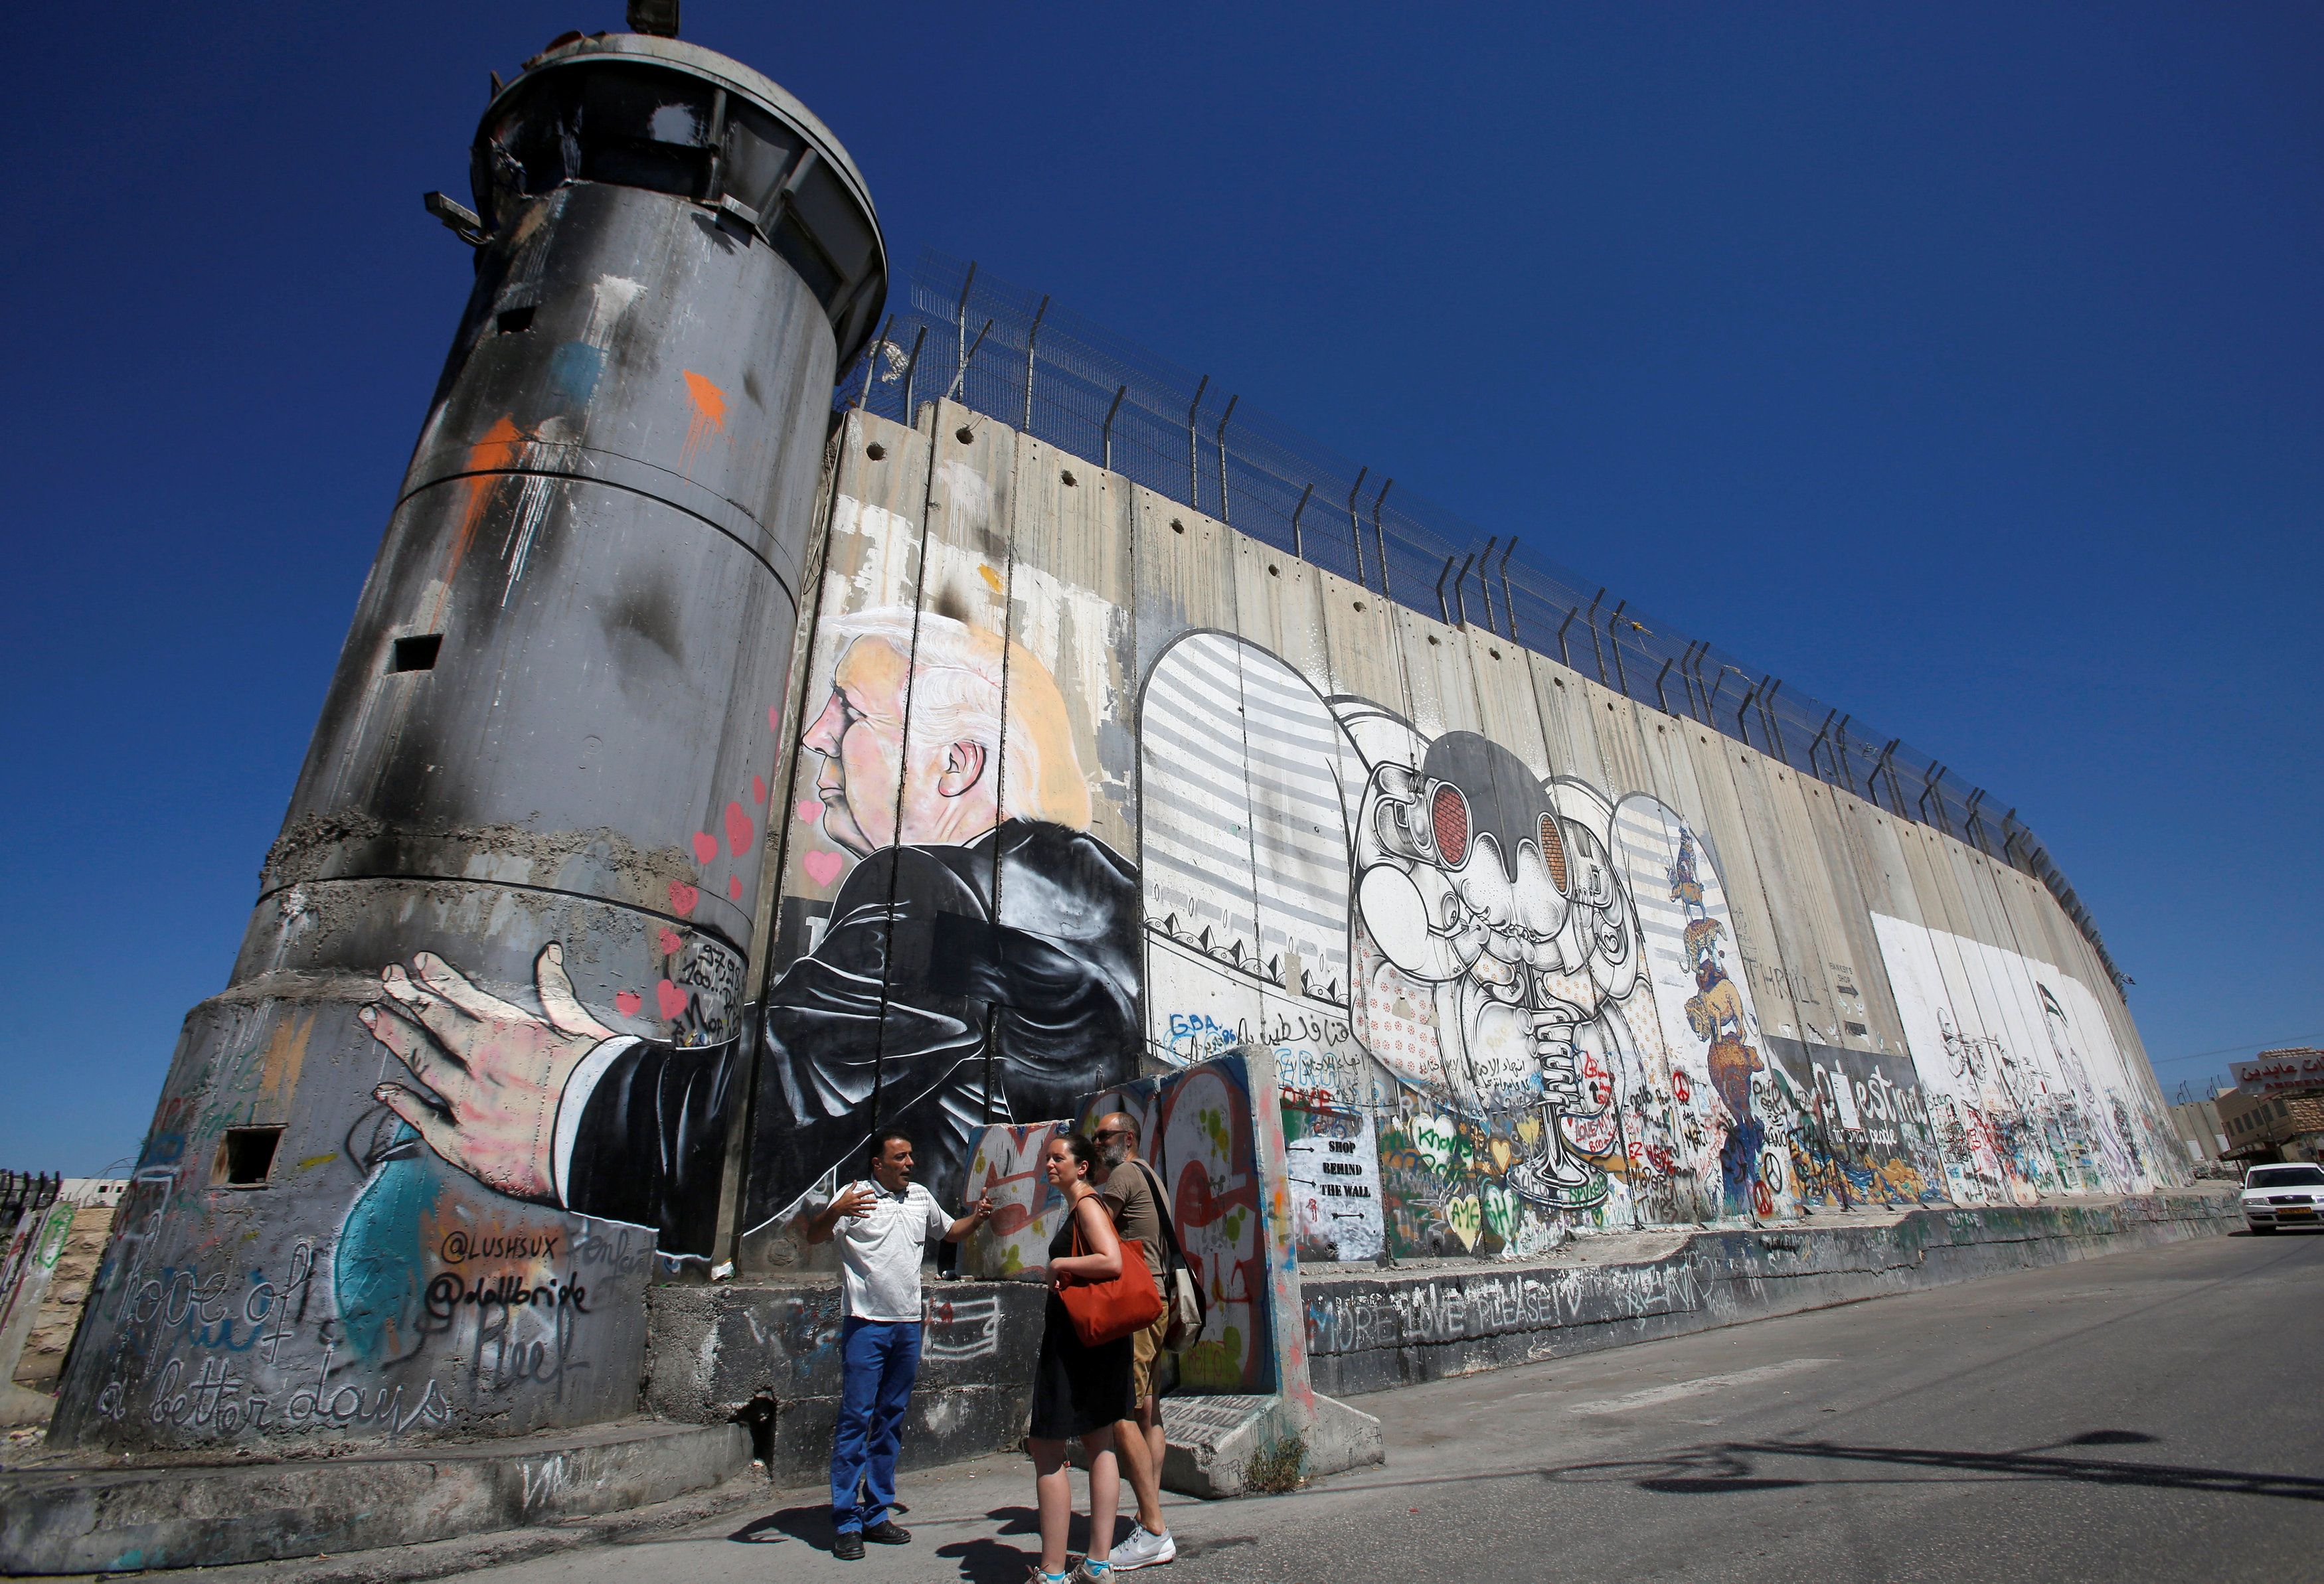 سياح يقفون أمام جرافيتي يصور الرئيس الأمريكي، دونالد ترامب، على جدار الفصل - 4 آب 2017 (رويترز)